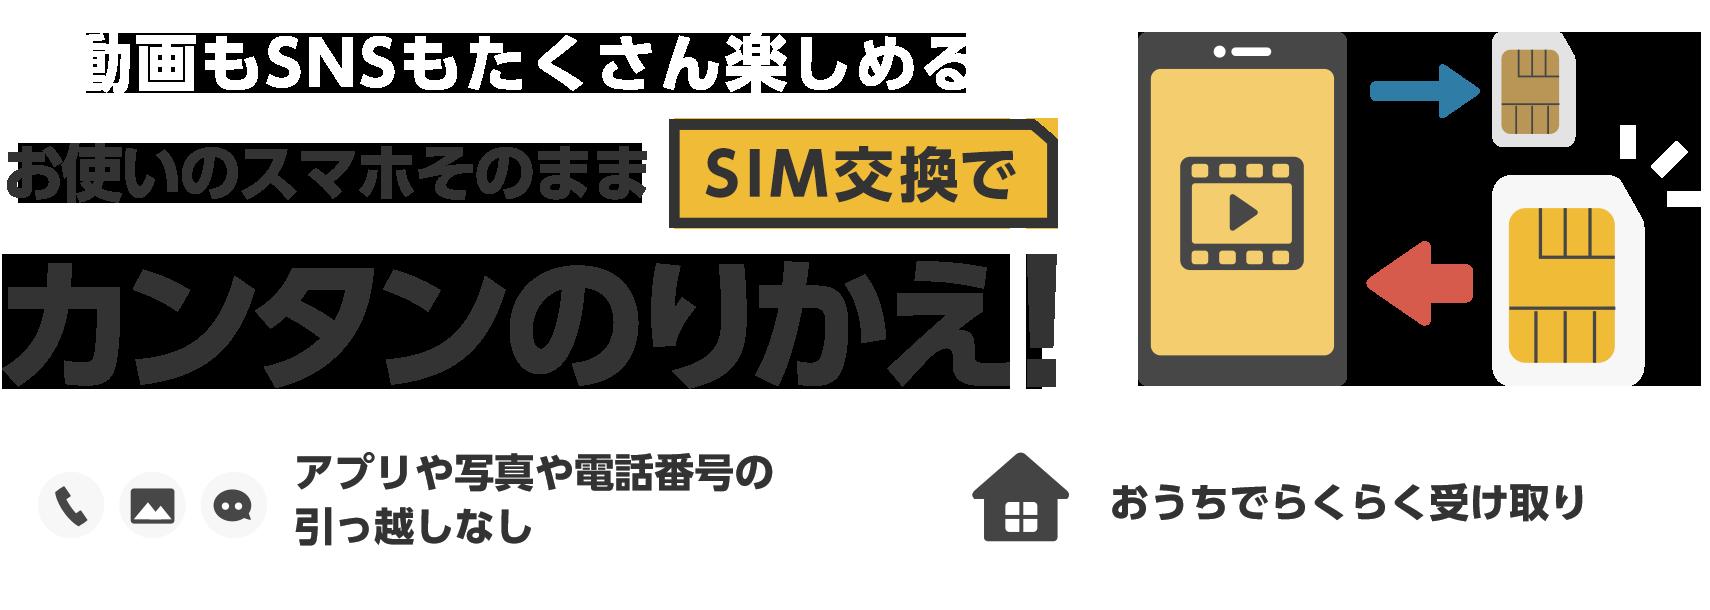 動画もSNSもたくさん楽しめる お使いのスマホそのままSIM交換でカンタンのりかえ! アプリや写真や電話番号の引っ越しなし おうちでらくらく受け取り